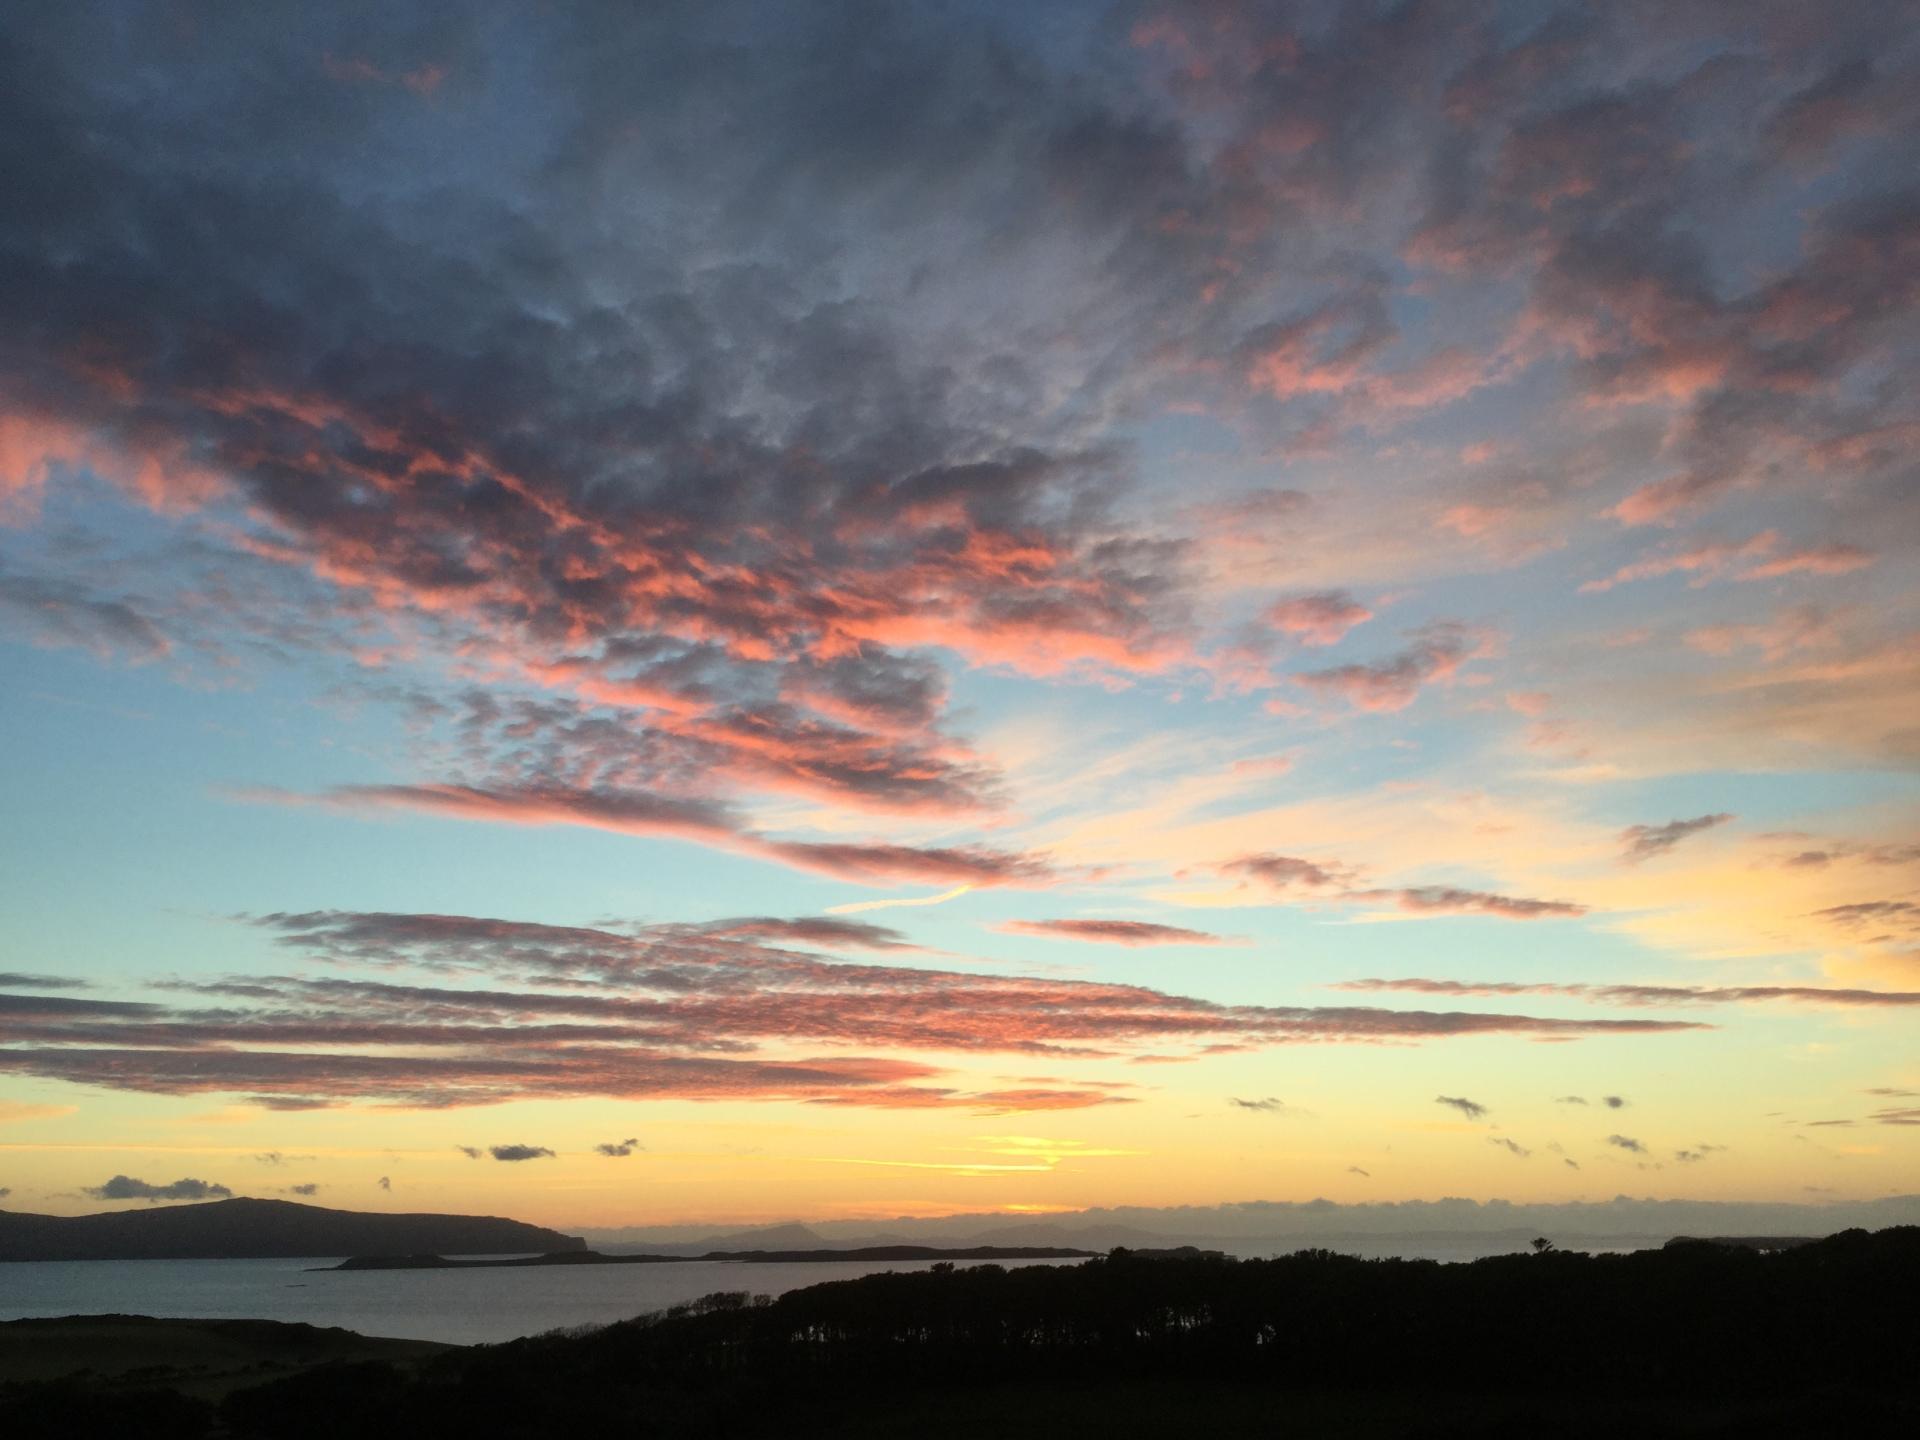 Sunset over Loch Bay